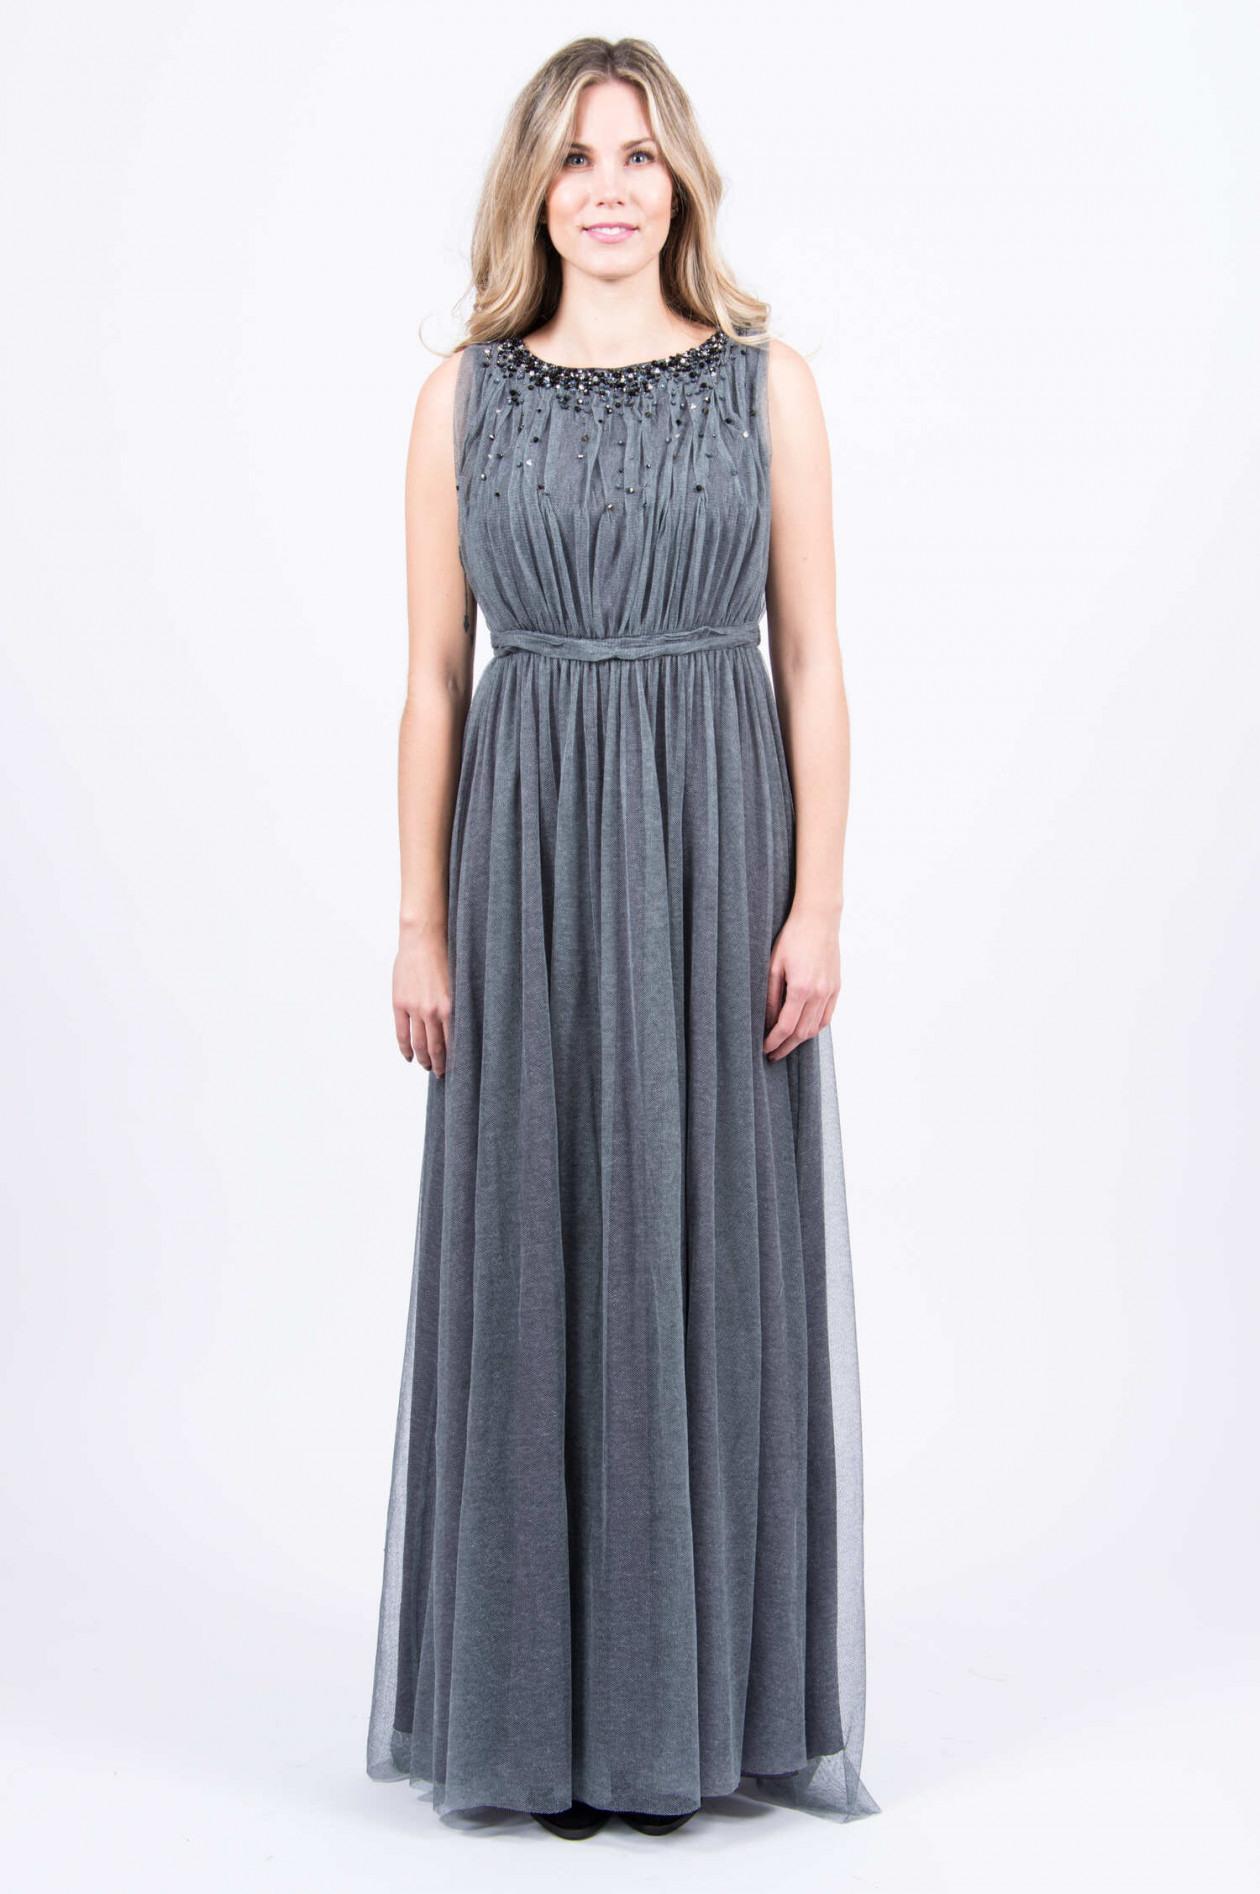 Ausgezeichnet Abendkleid Grau Spezialgebiet20 Kreativ Abendkleid Grau Boutique